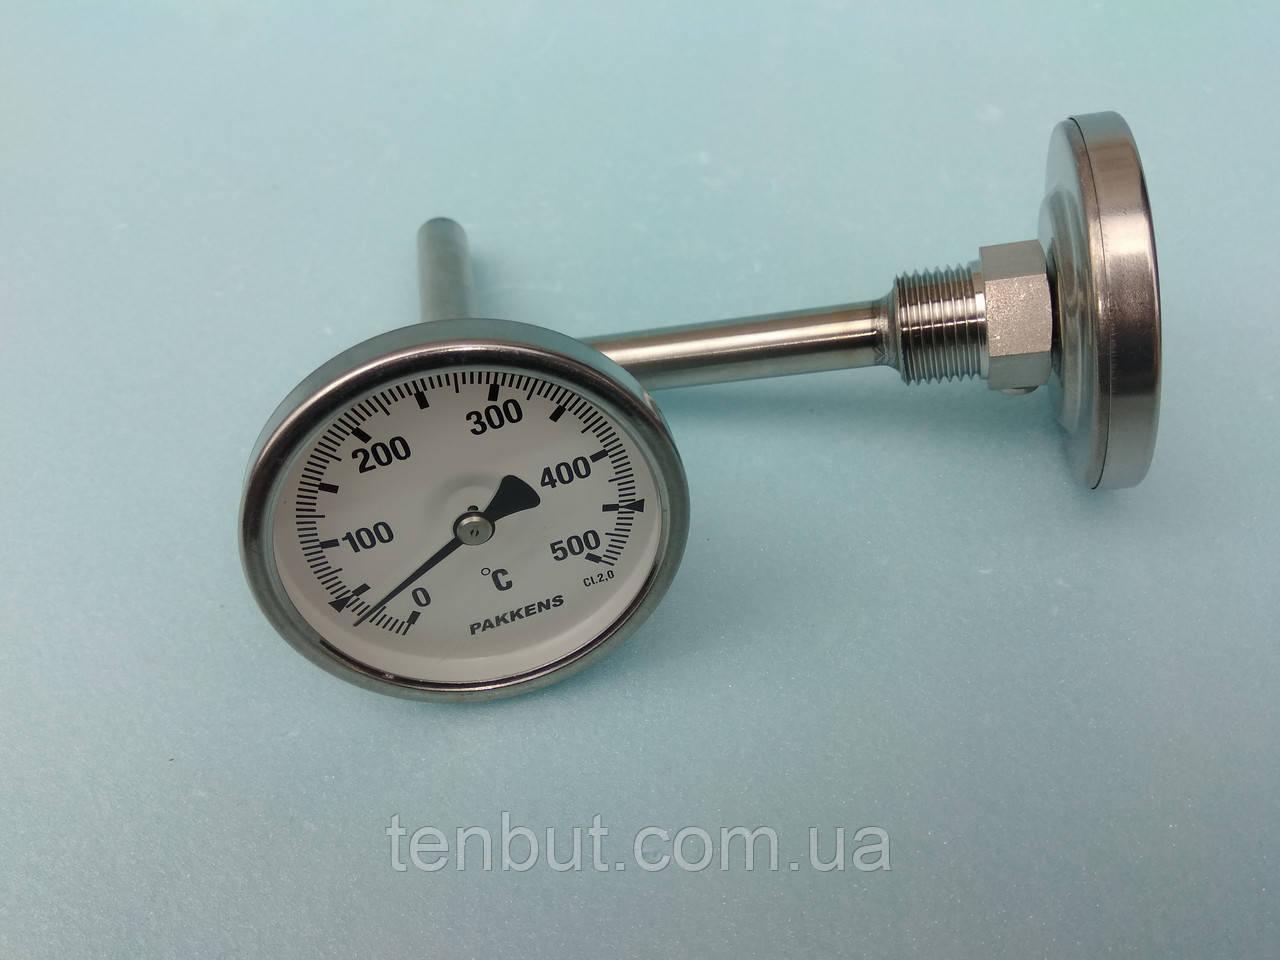 Термометр трубчастий PAKKENS 0-500℃ / діаметр Ф-65 мм./ довжина гільзи - 100 мм. виробництво Туреччина